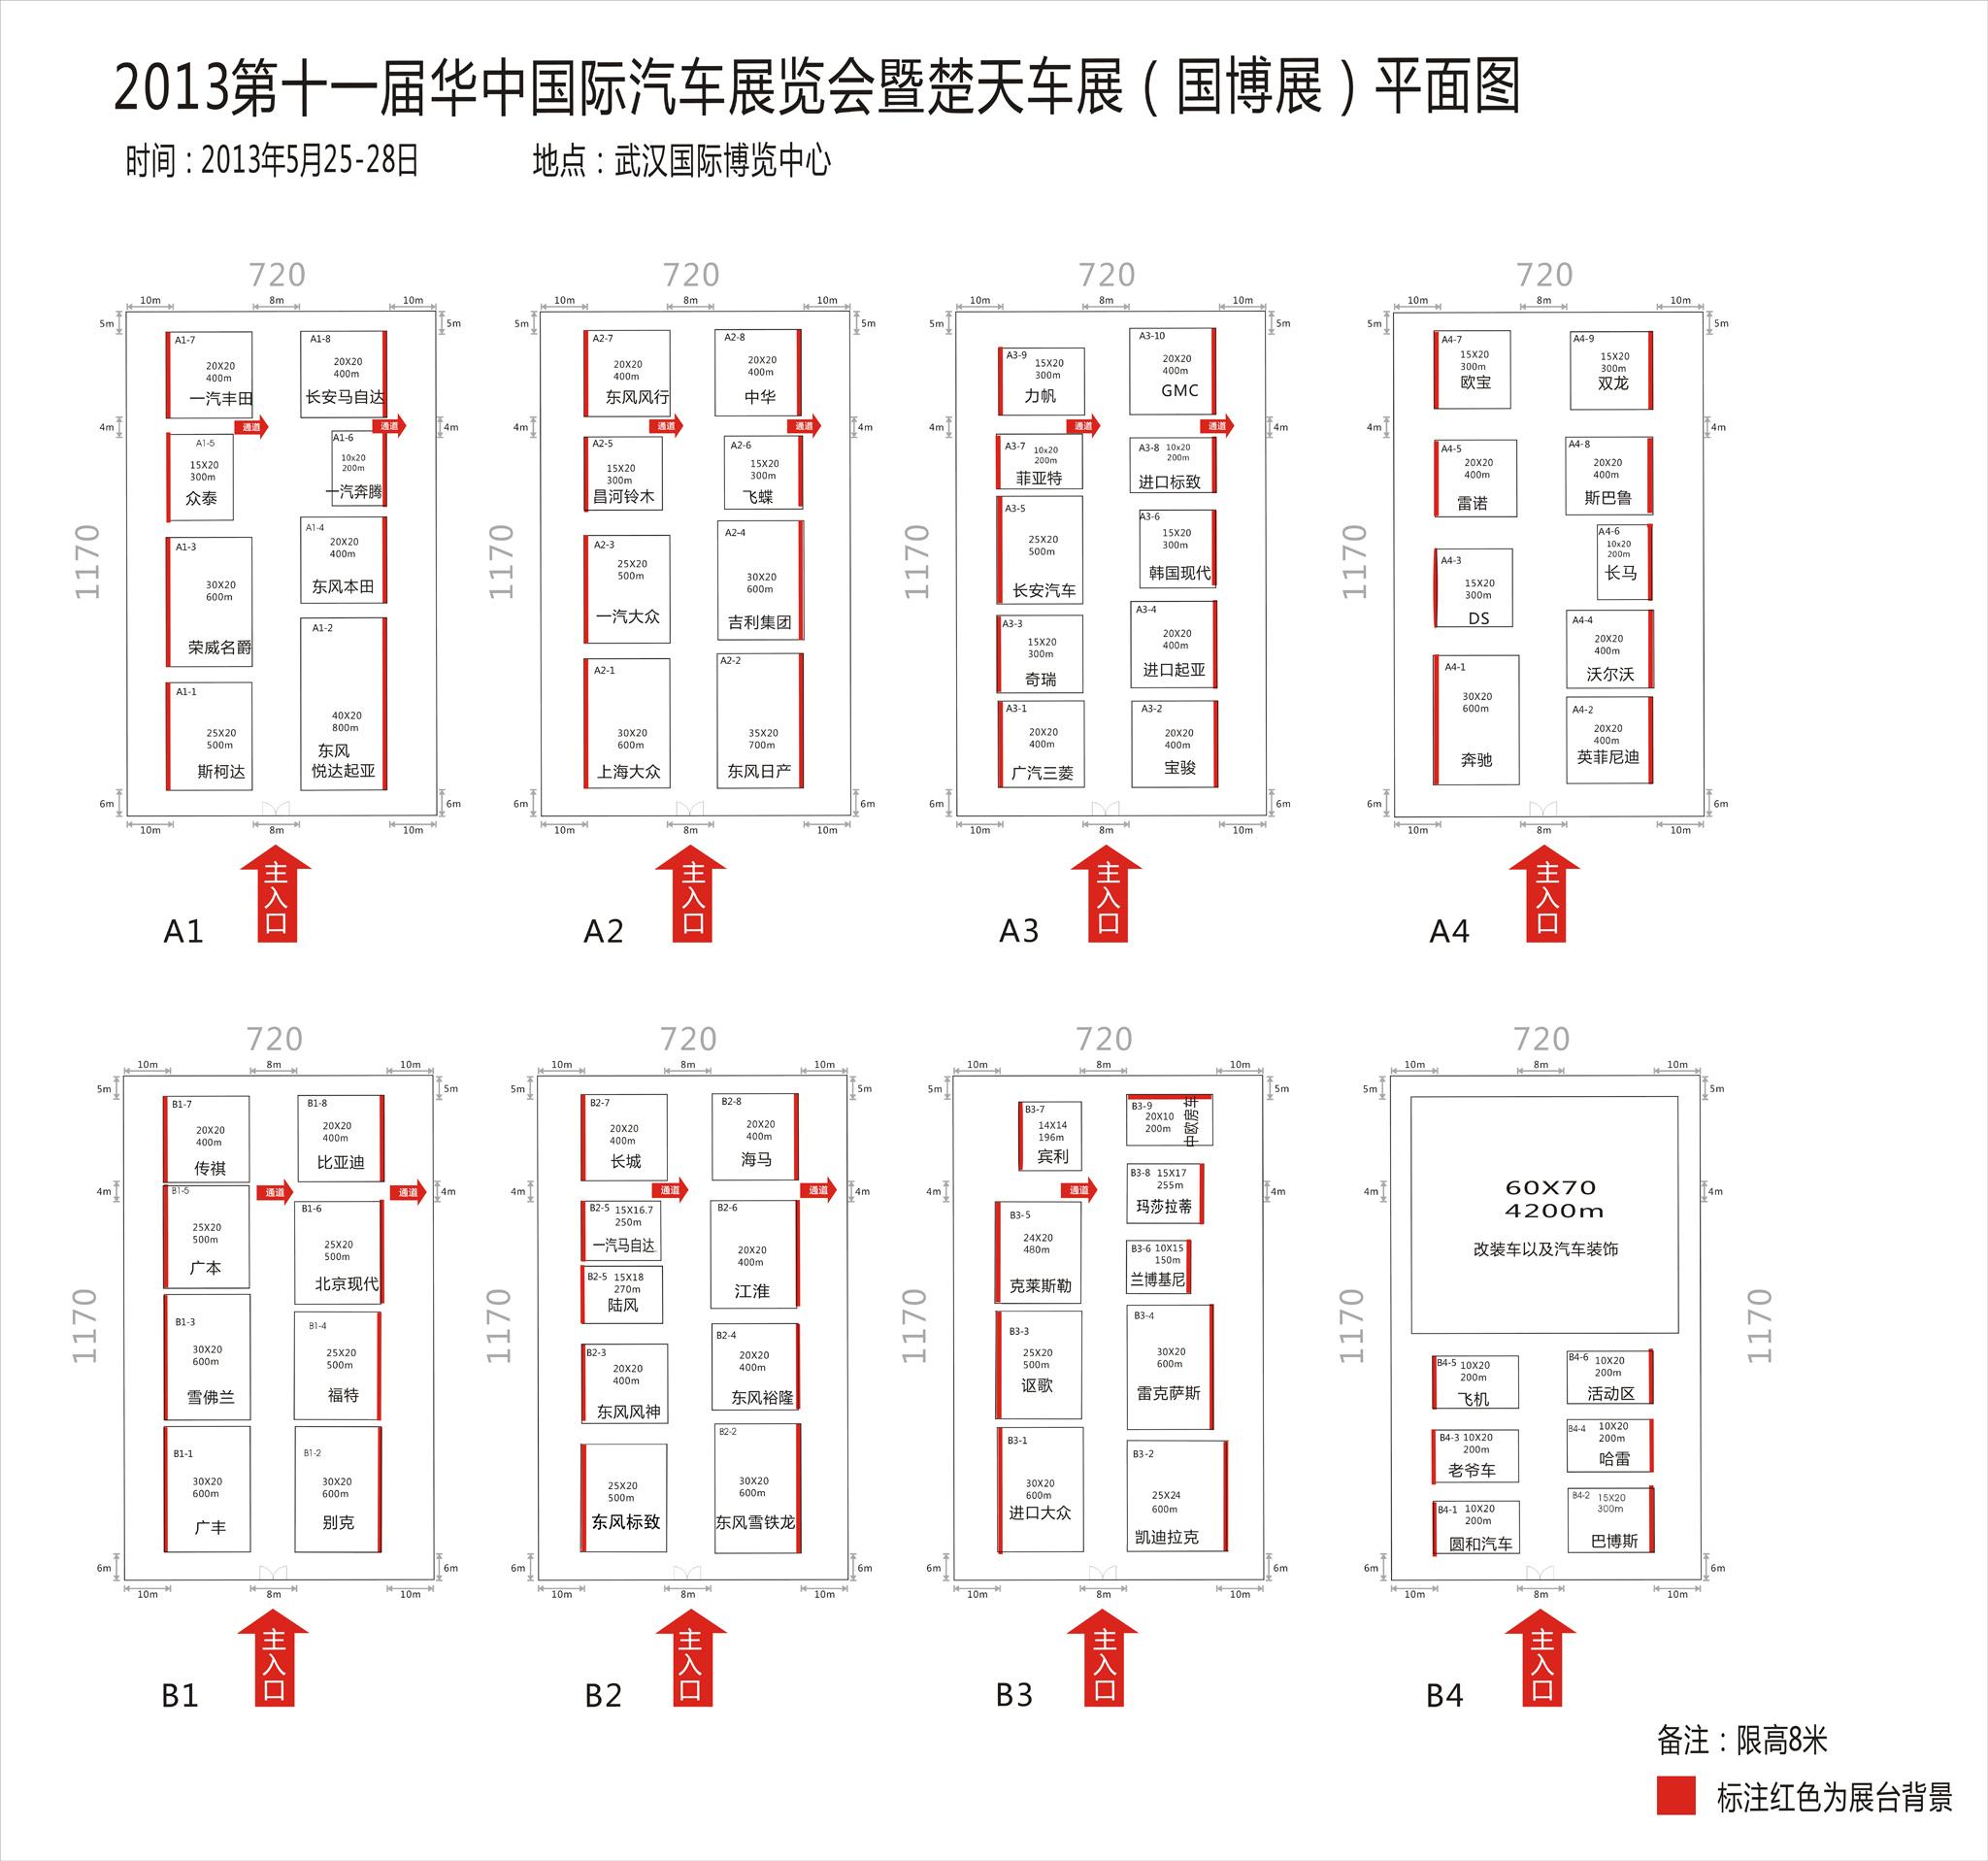 武汉车展起亚车模_启用8个展馆 5月华中国际车展展位图出炉-搜狐汽车